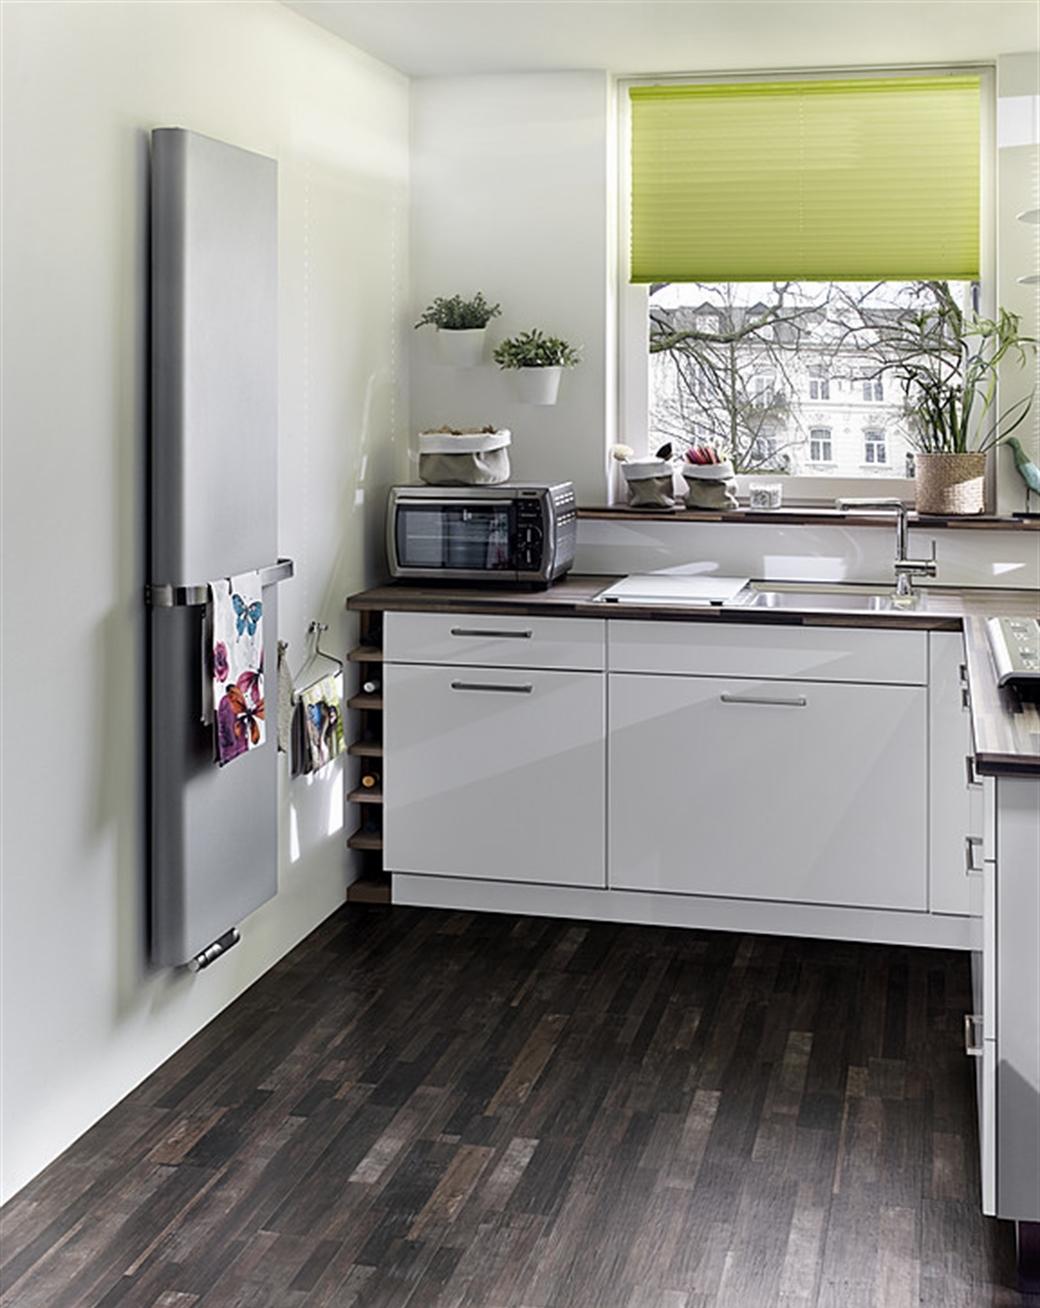 Kos V Purmo heaters radiators interior design home decorating ideas urzadzanie wnetrz jak dobrac grzejniki dekoracyjne kuchnia forelements blog